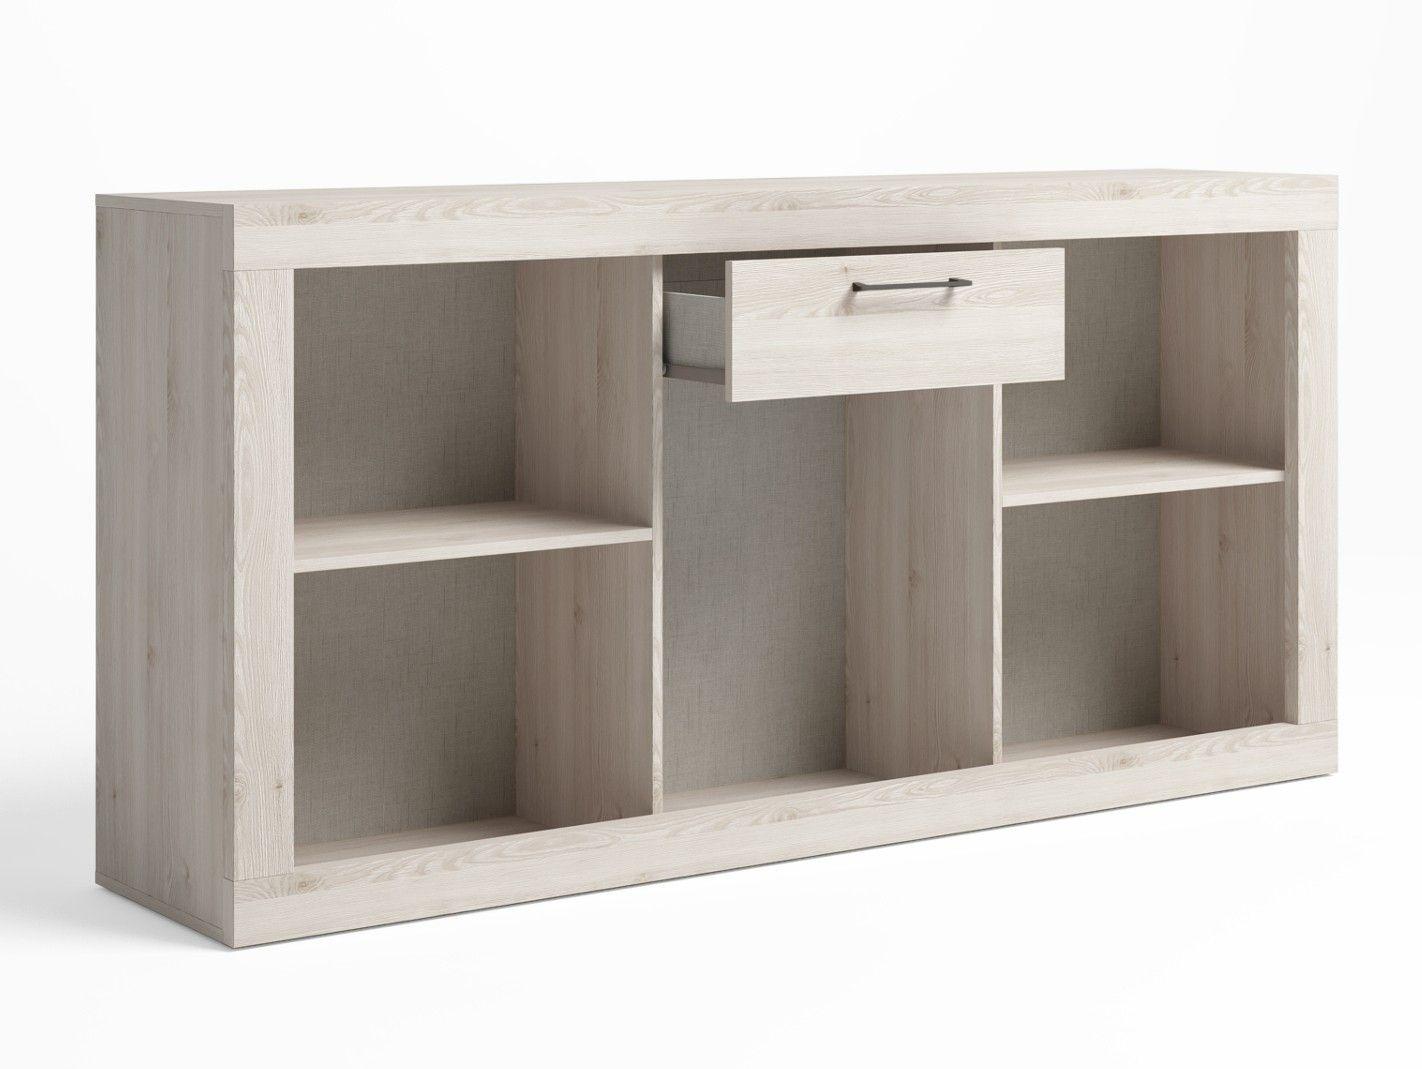 Muebles dormitorio juvenil moderno 20170723215141 for Dormitorio blanco y madera